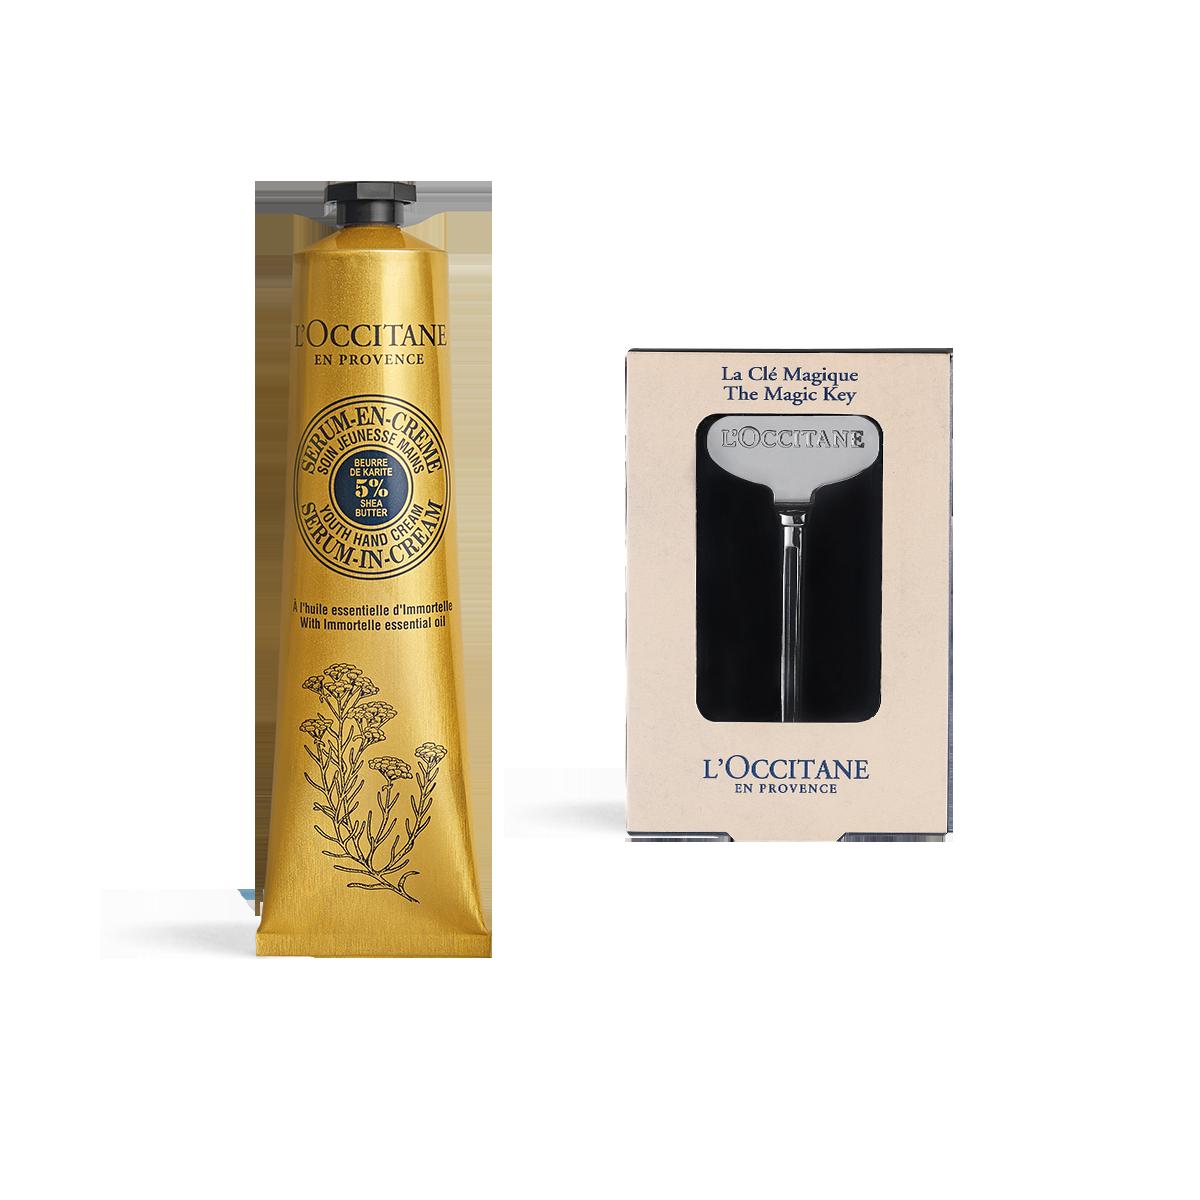 [기프트] 유쓰 핸드 크림 세럼-인-크림 75ml 세트 (정품 매직키 증정)